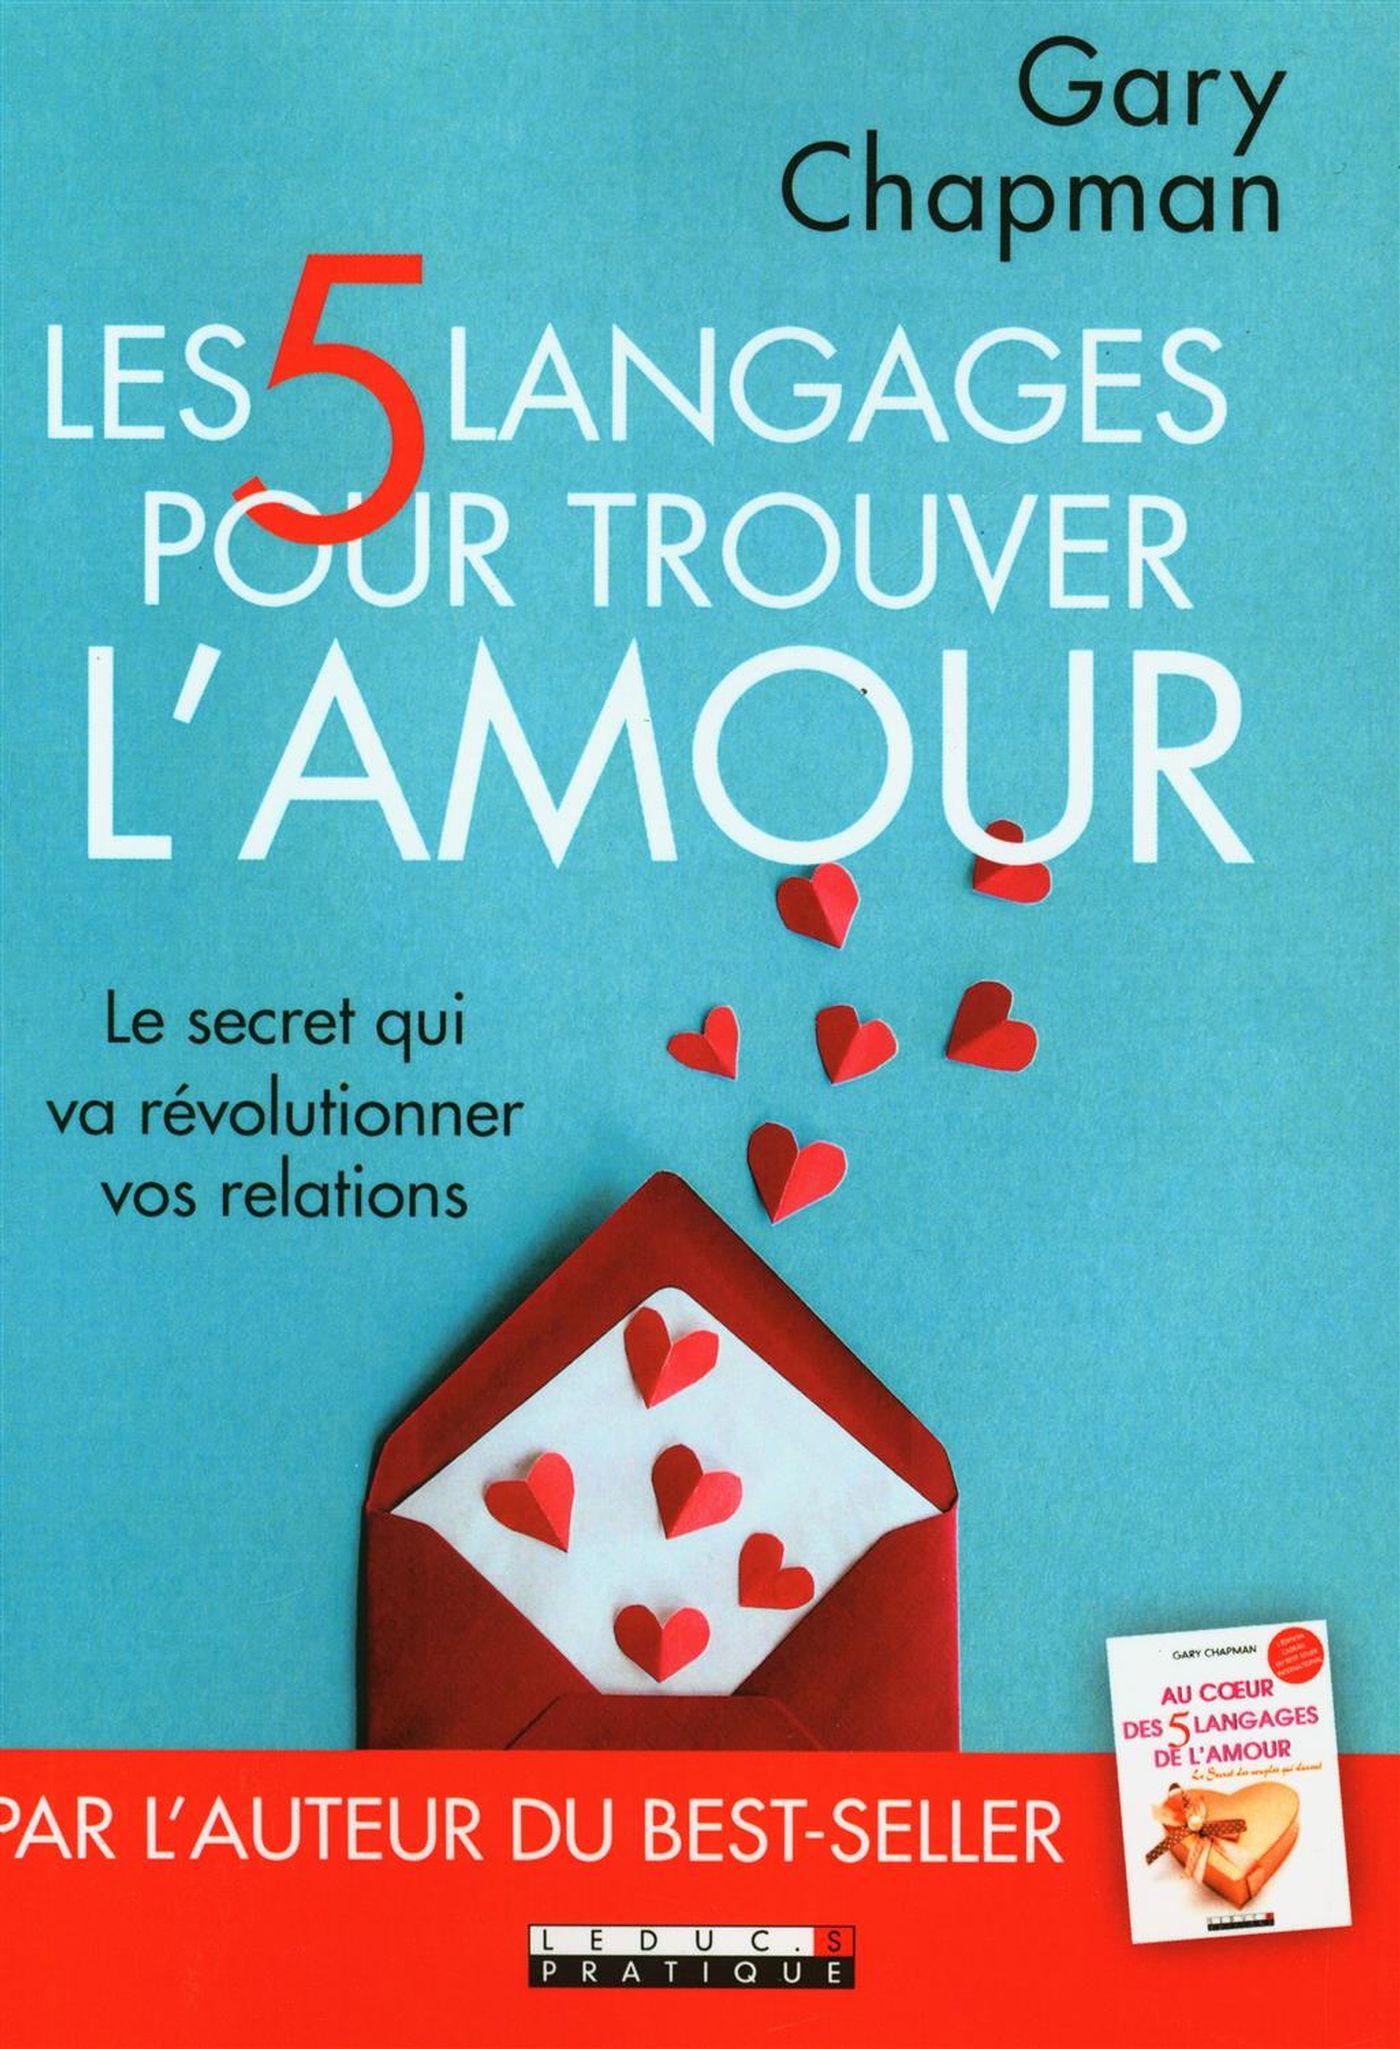 Les 5 Langages De L'amour Test : langages, l'amour, Langages, Trouver, L'amour, Distribution, Prologue